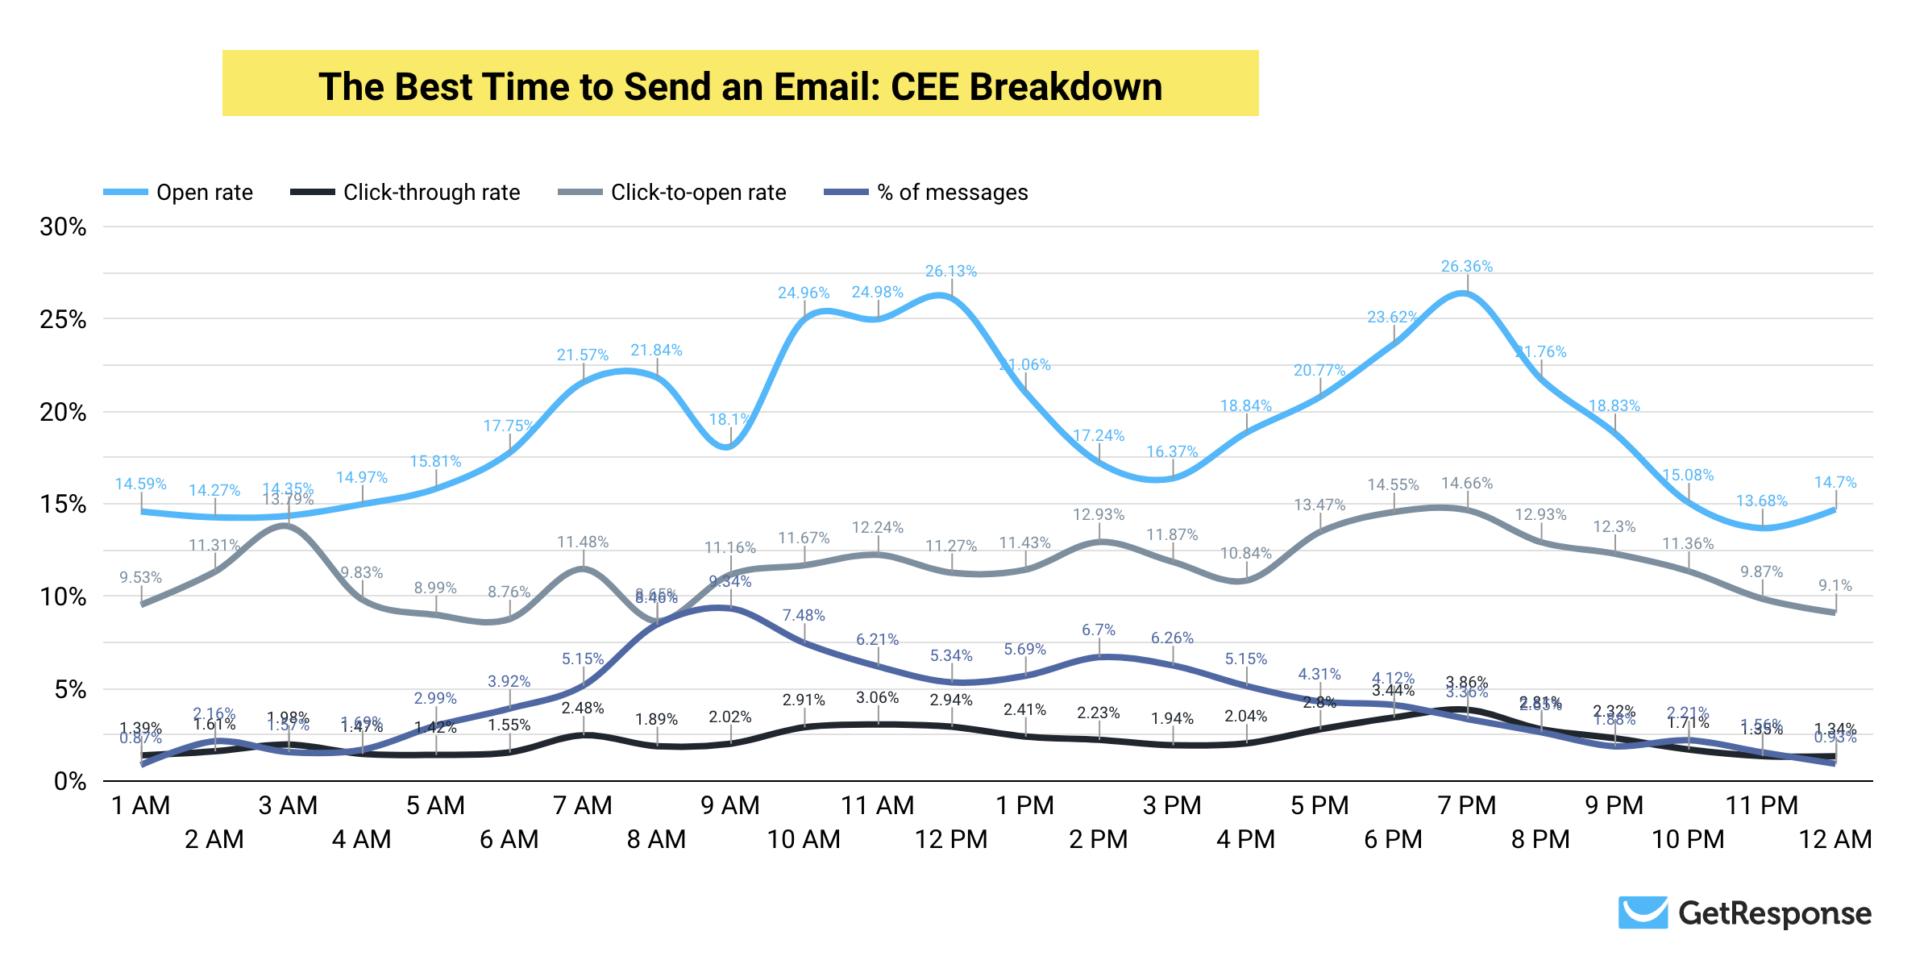 Самое оптимальное время для доставки: итоговые результаты для CEE